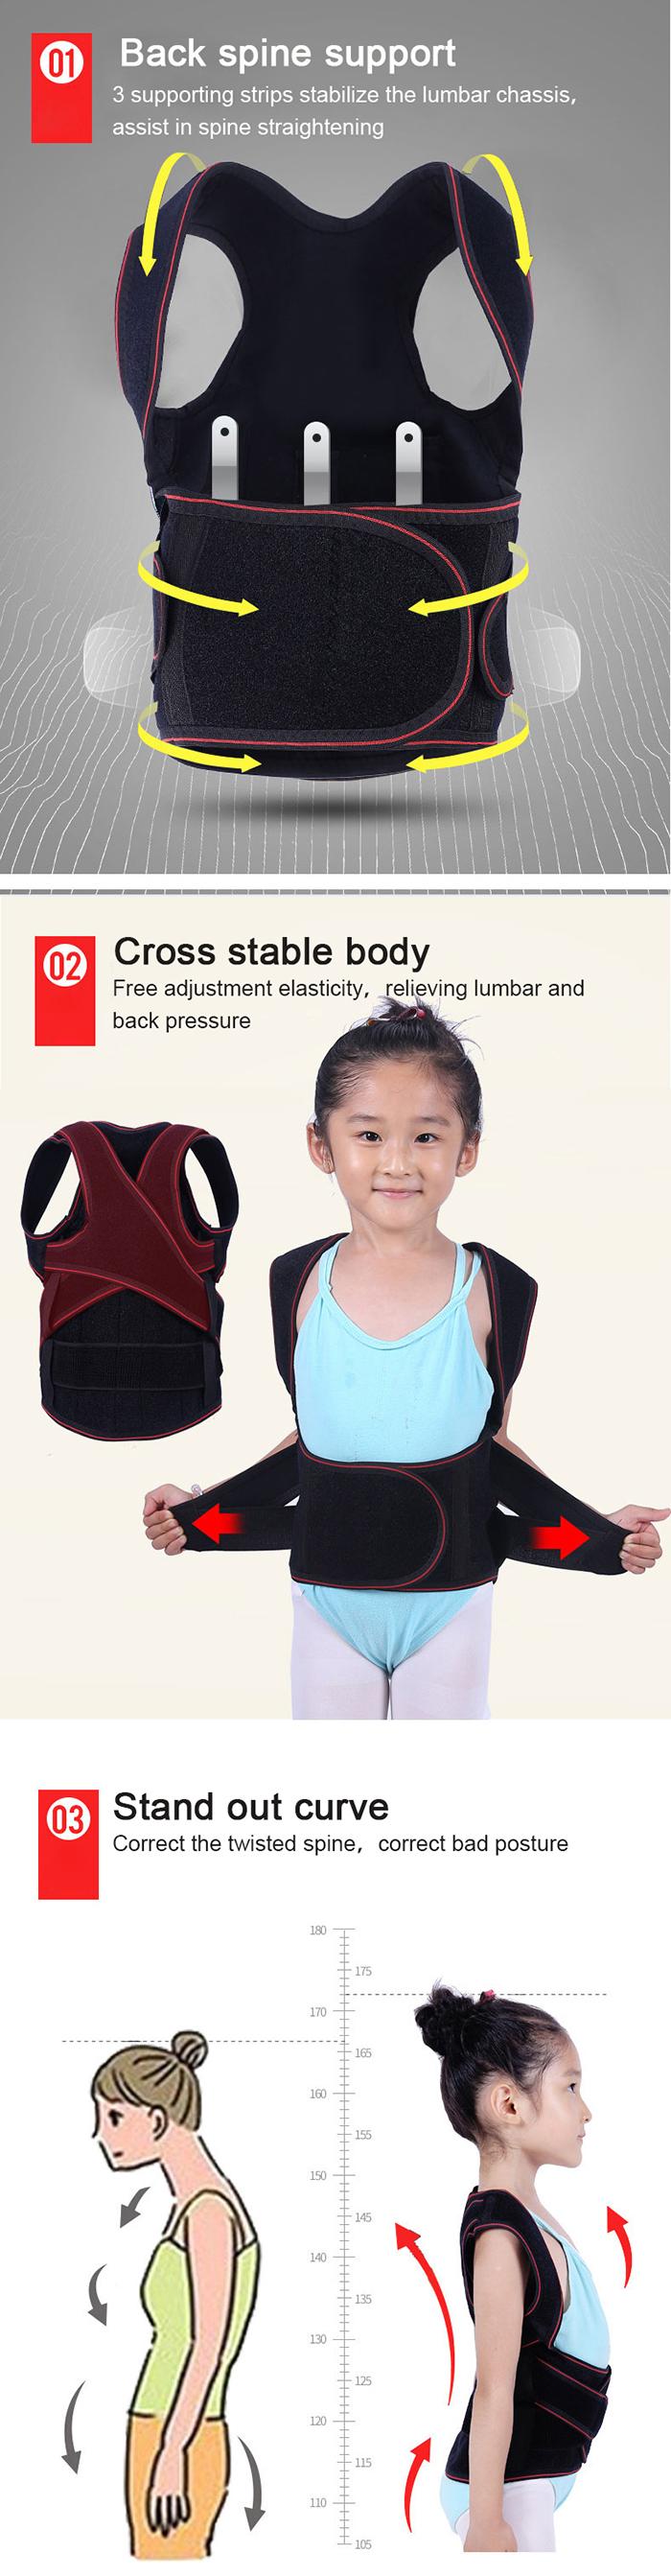 posture corrective belt